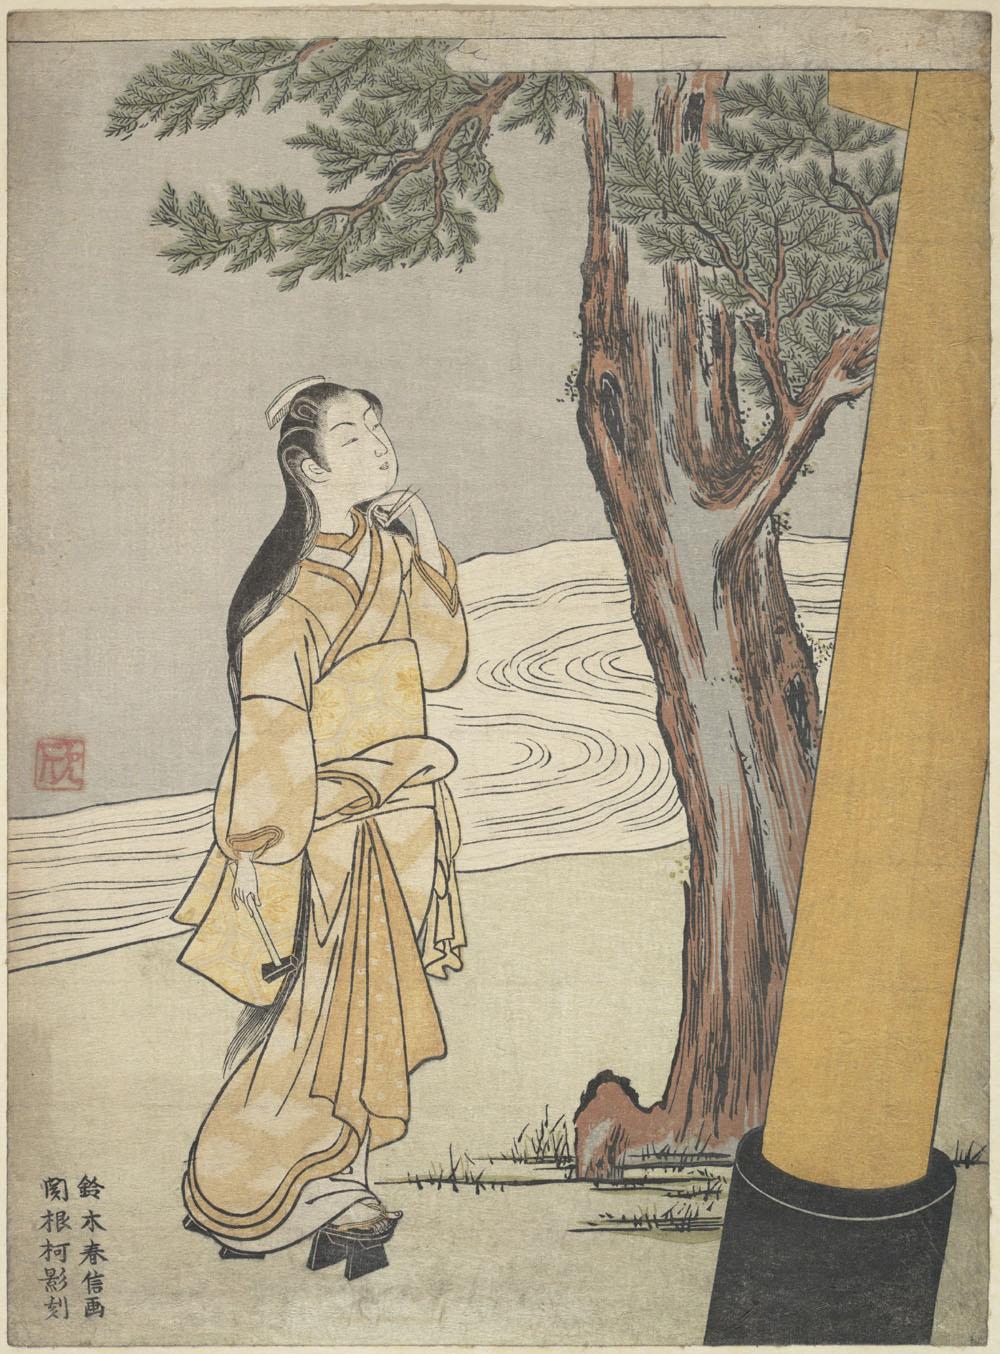 「丑の時参り」画:鈴木春信 出典:メトロポリタン美術館